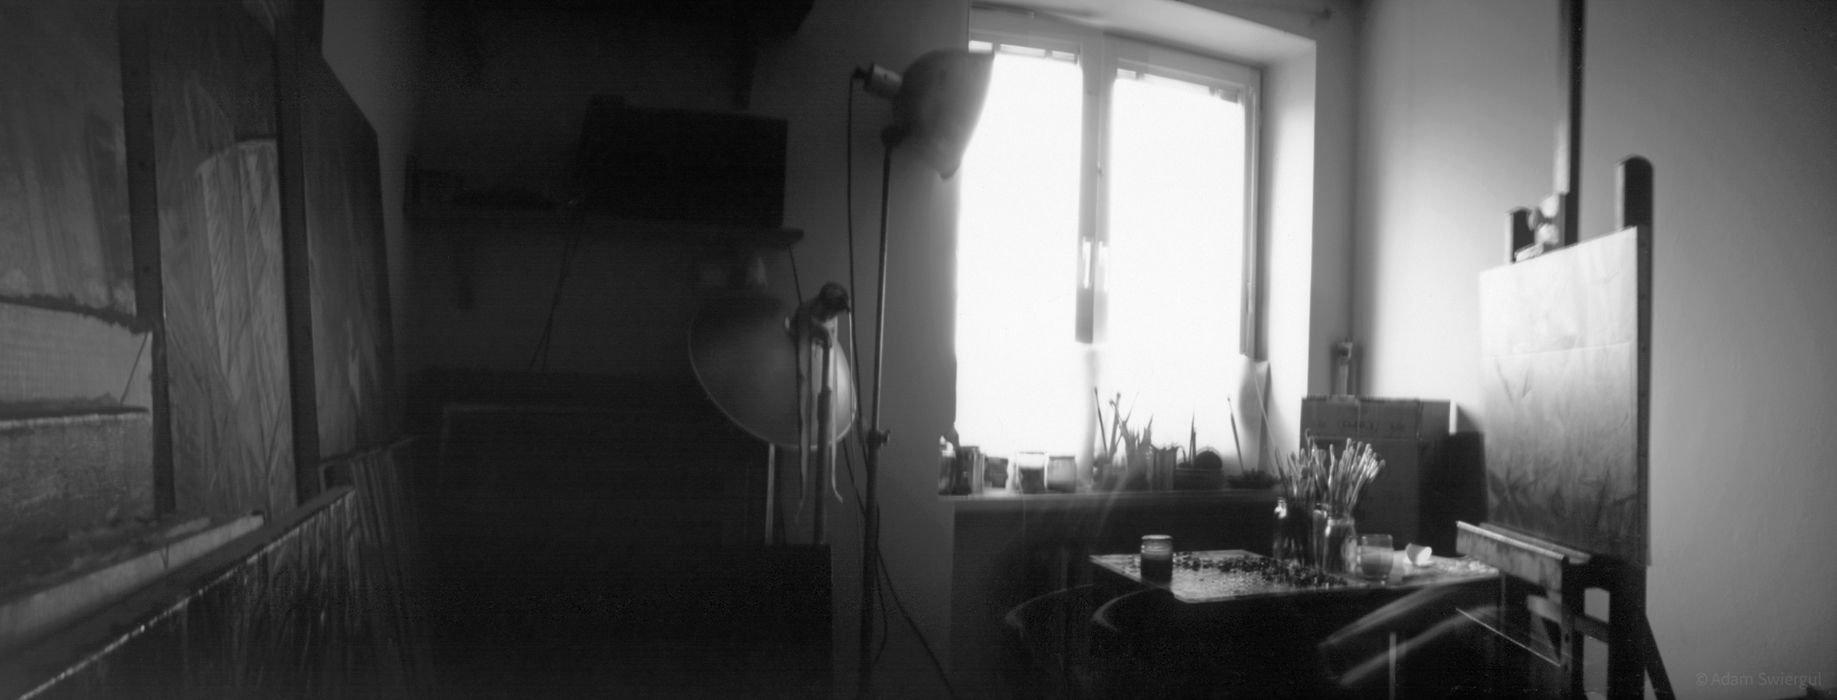 Wnętrze pracowni